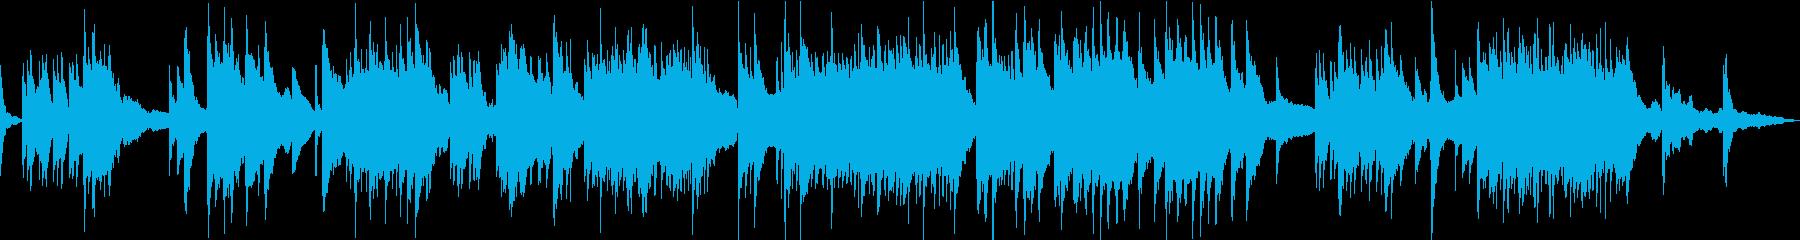 亜麻色の髪の乙女・ソフトピアノの再生済みの波形